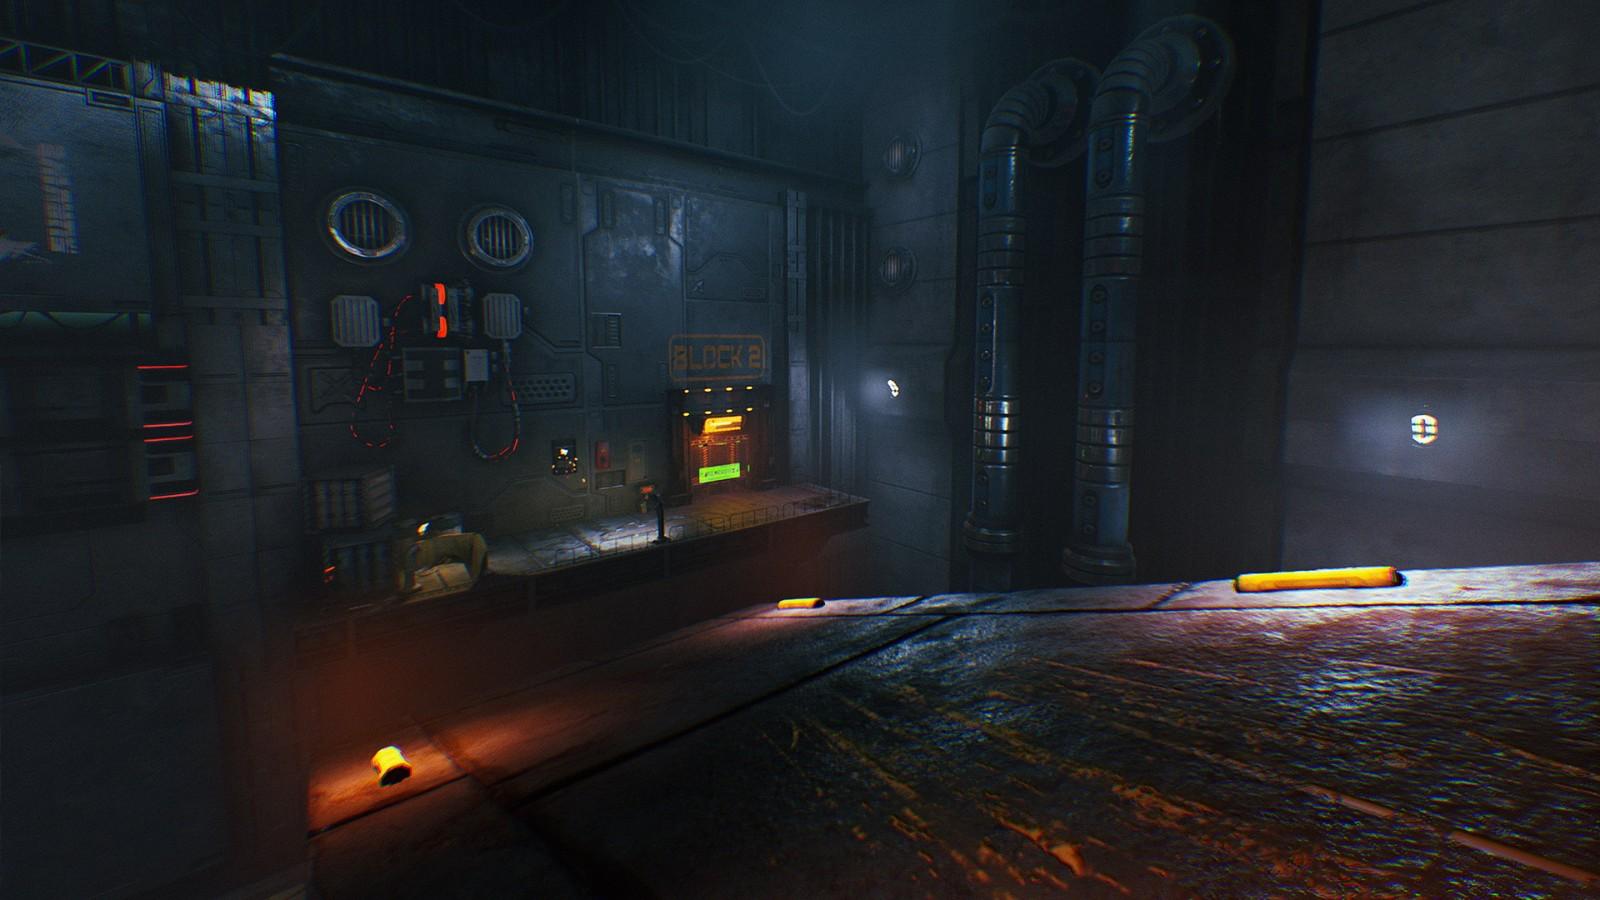 《幽灵行者》今日上线新的免费模式及付费饰品DLC